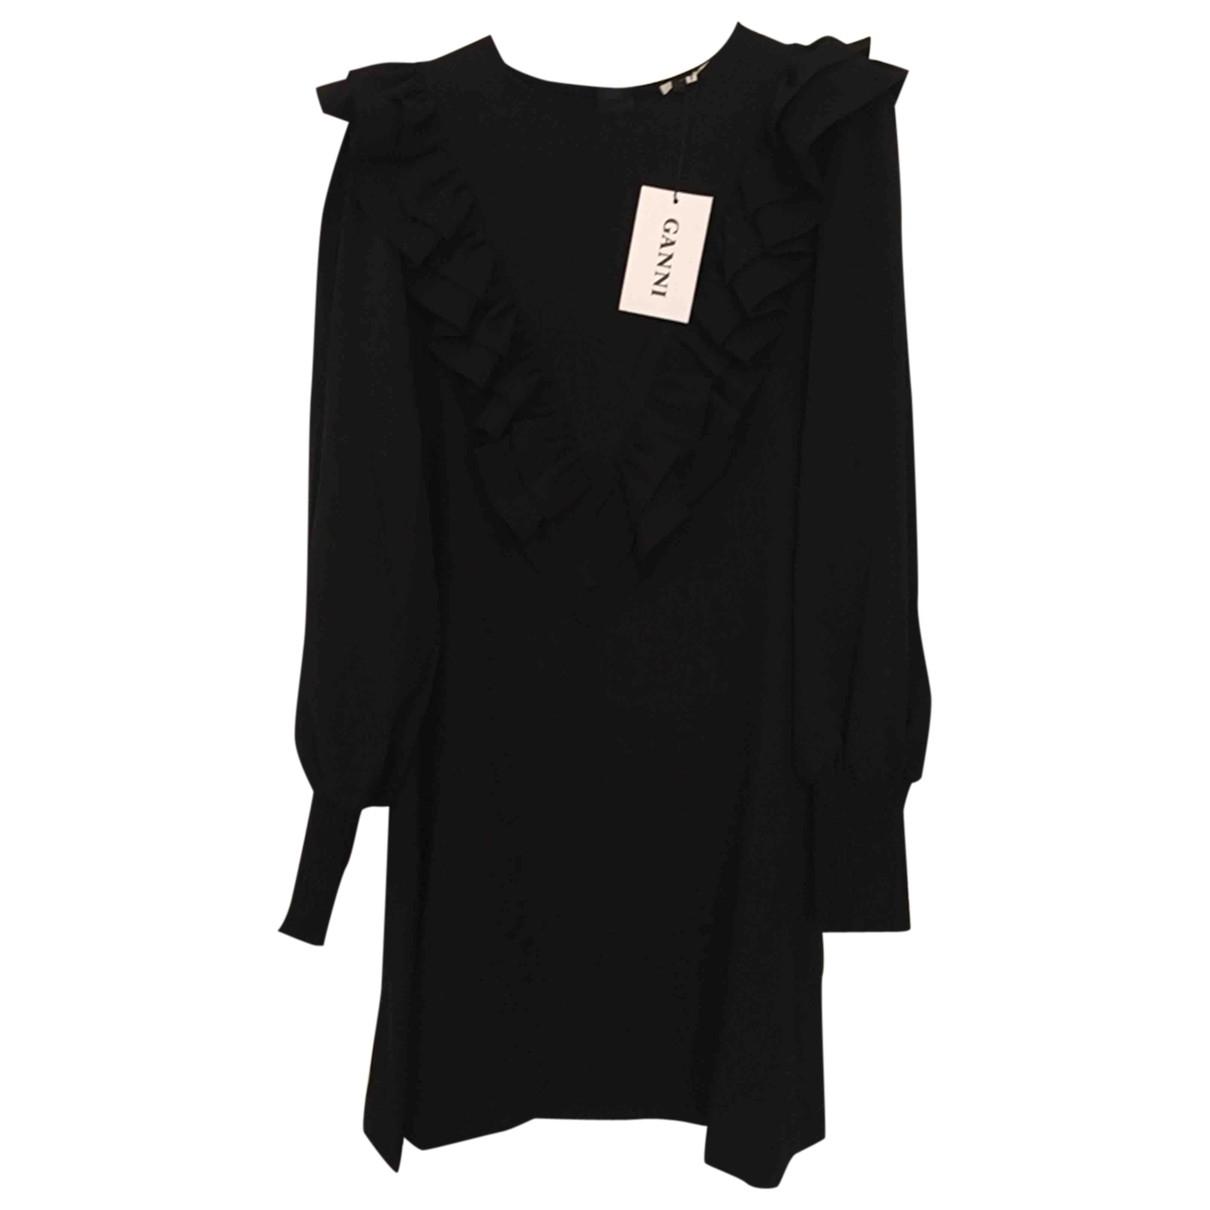 Ganni Spring Summer 2020 Black dress for Women 36 FR